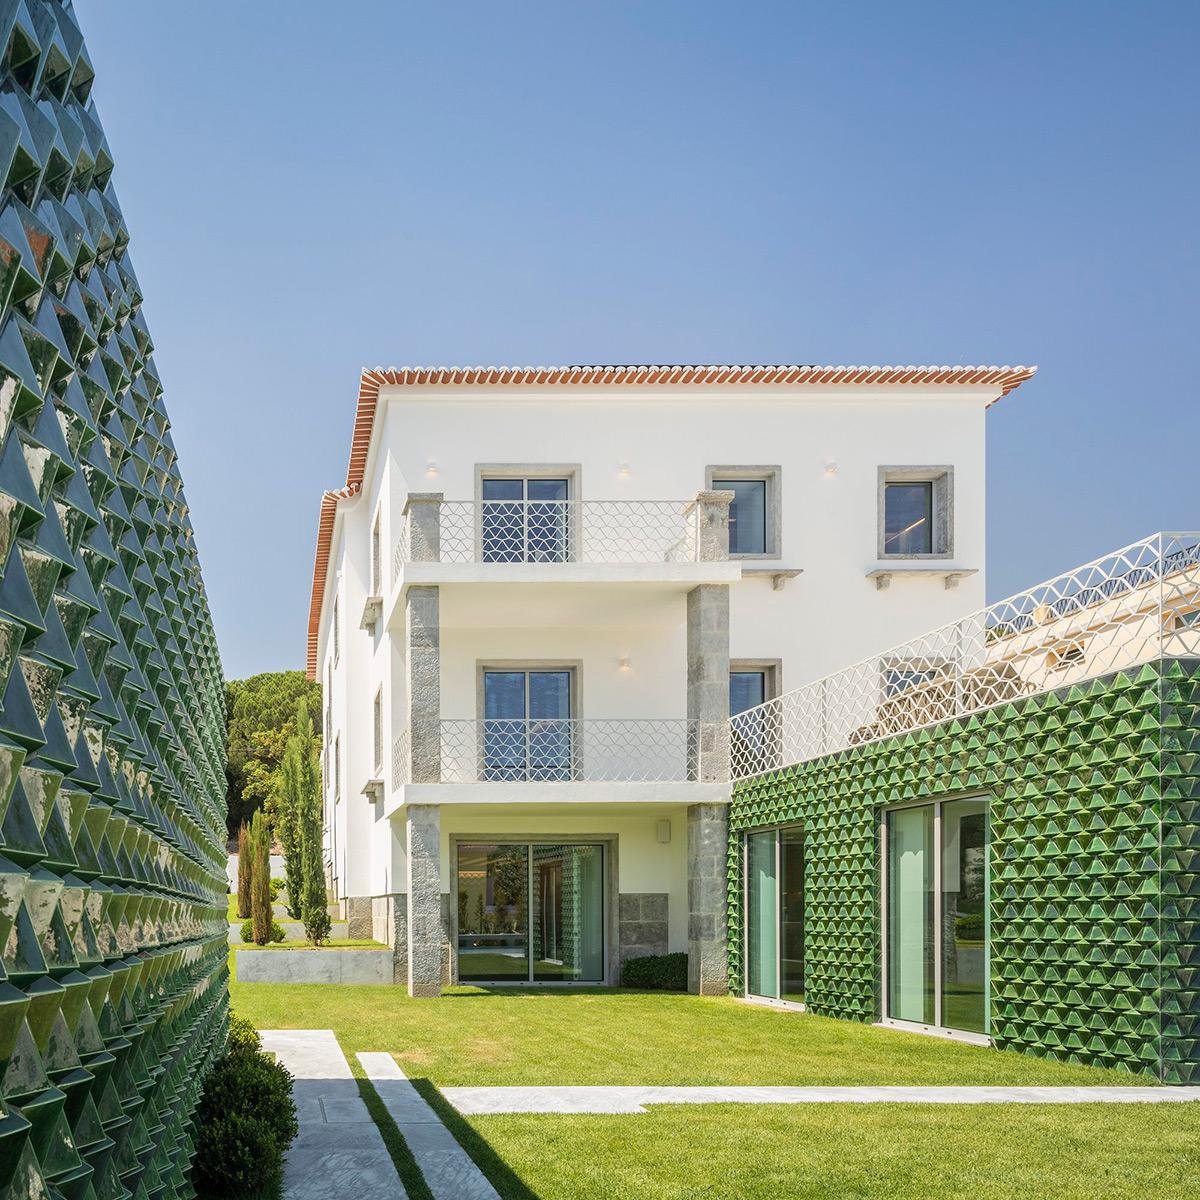 Casa-AD25-Joao-Tiago-Aguiar-Arquitectos-Fernando-Guerra-01